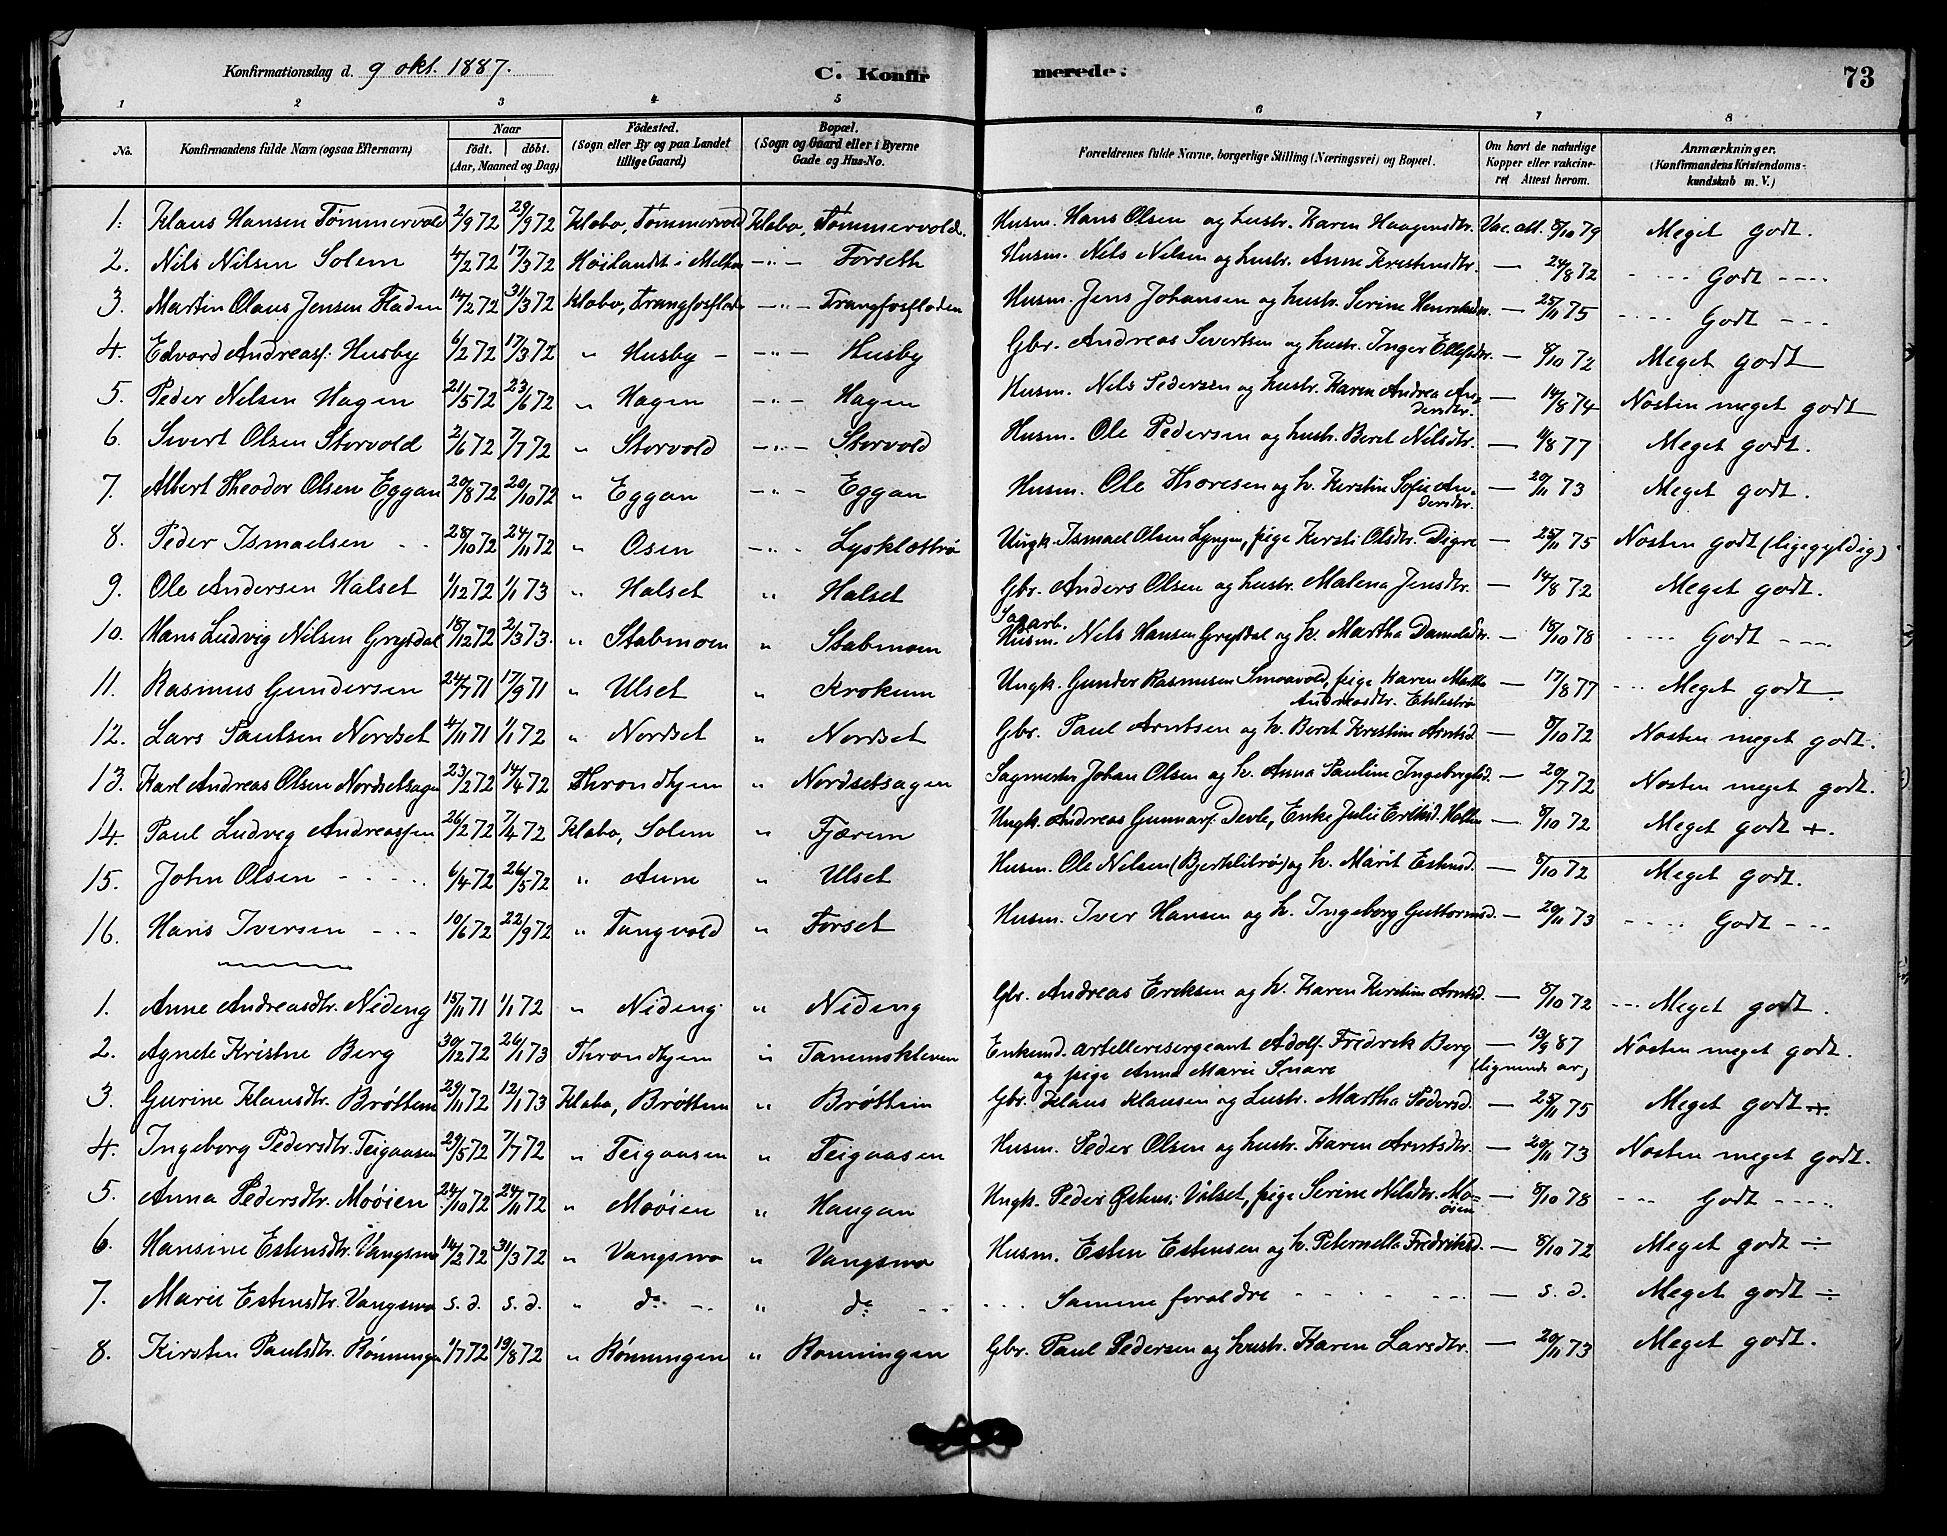 SAT, Ministerialprotokoller, klokkerbøker og fødselsregistre - Sør-Trøndelag, 618/L0444: Ministerialbok nr. 618A07, 1880-1898, s. 73